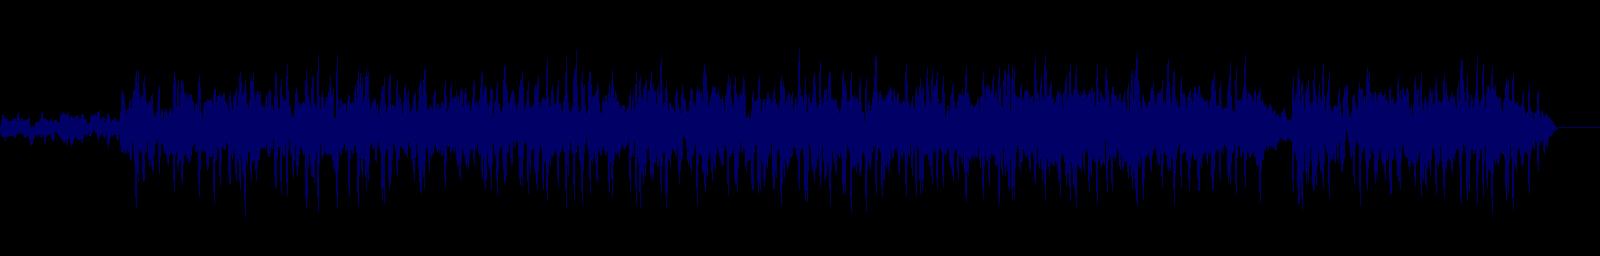 waveform of track #128895